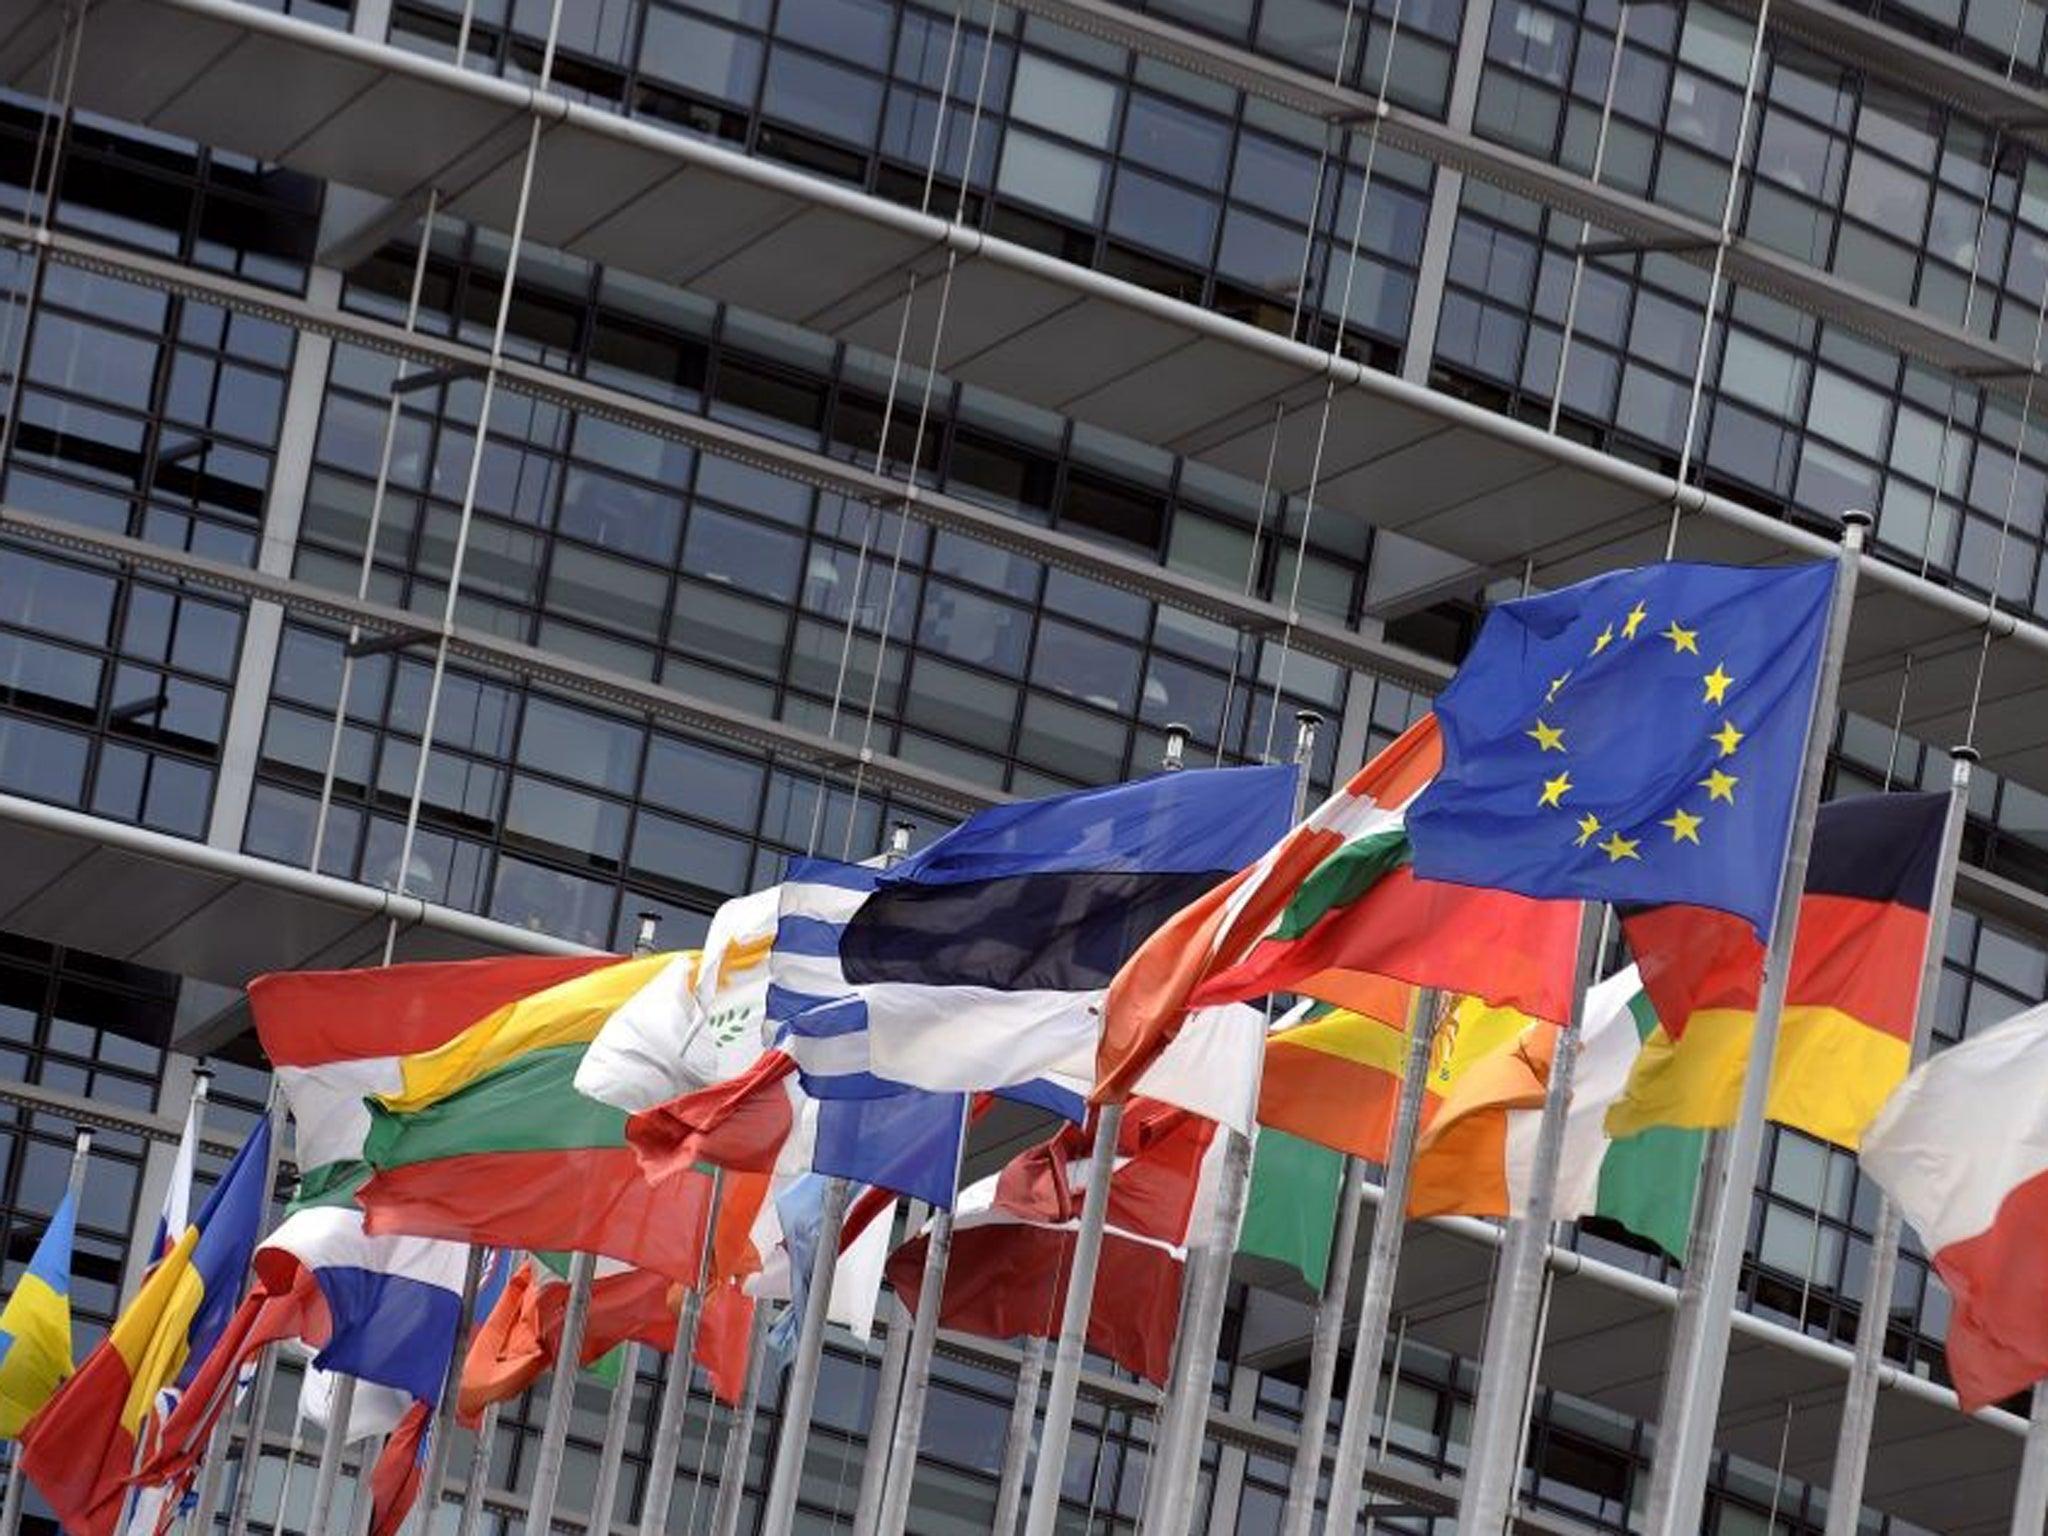 расширение евросоюза формирование мирового рынка сигарет